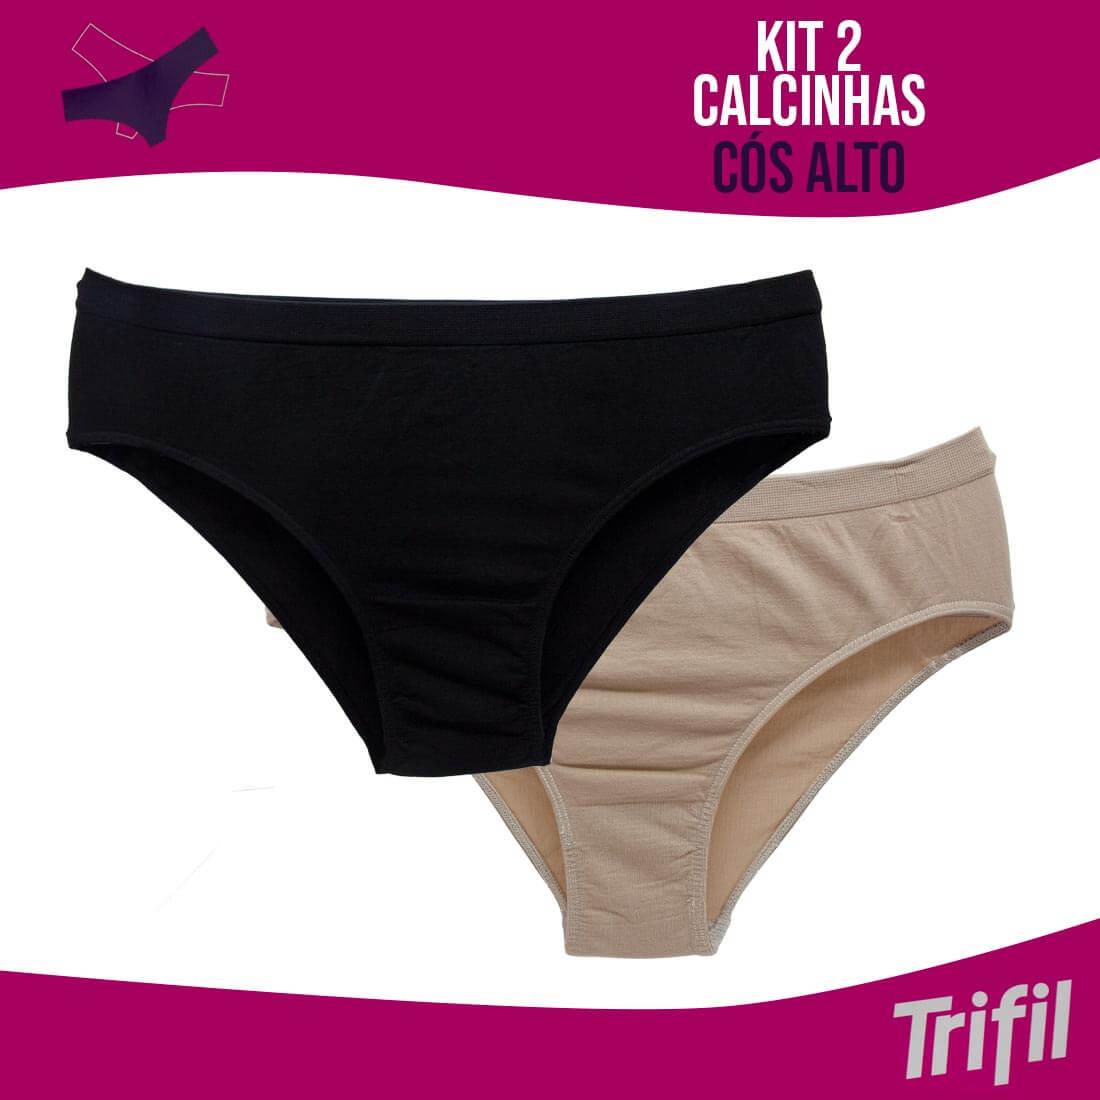 KIT 2 CALCINHAS CÓS ALTO TRIFIL